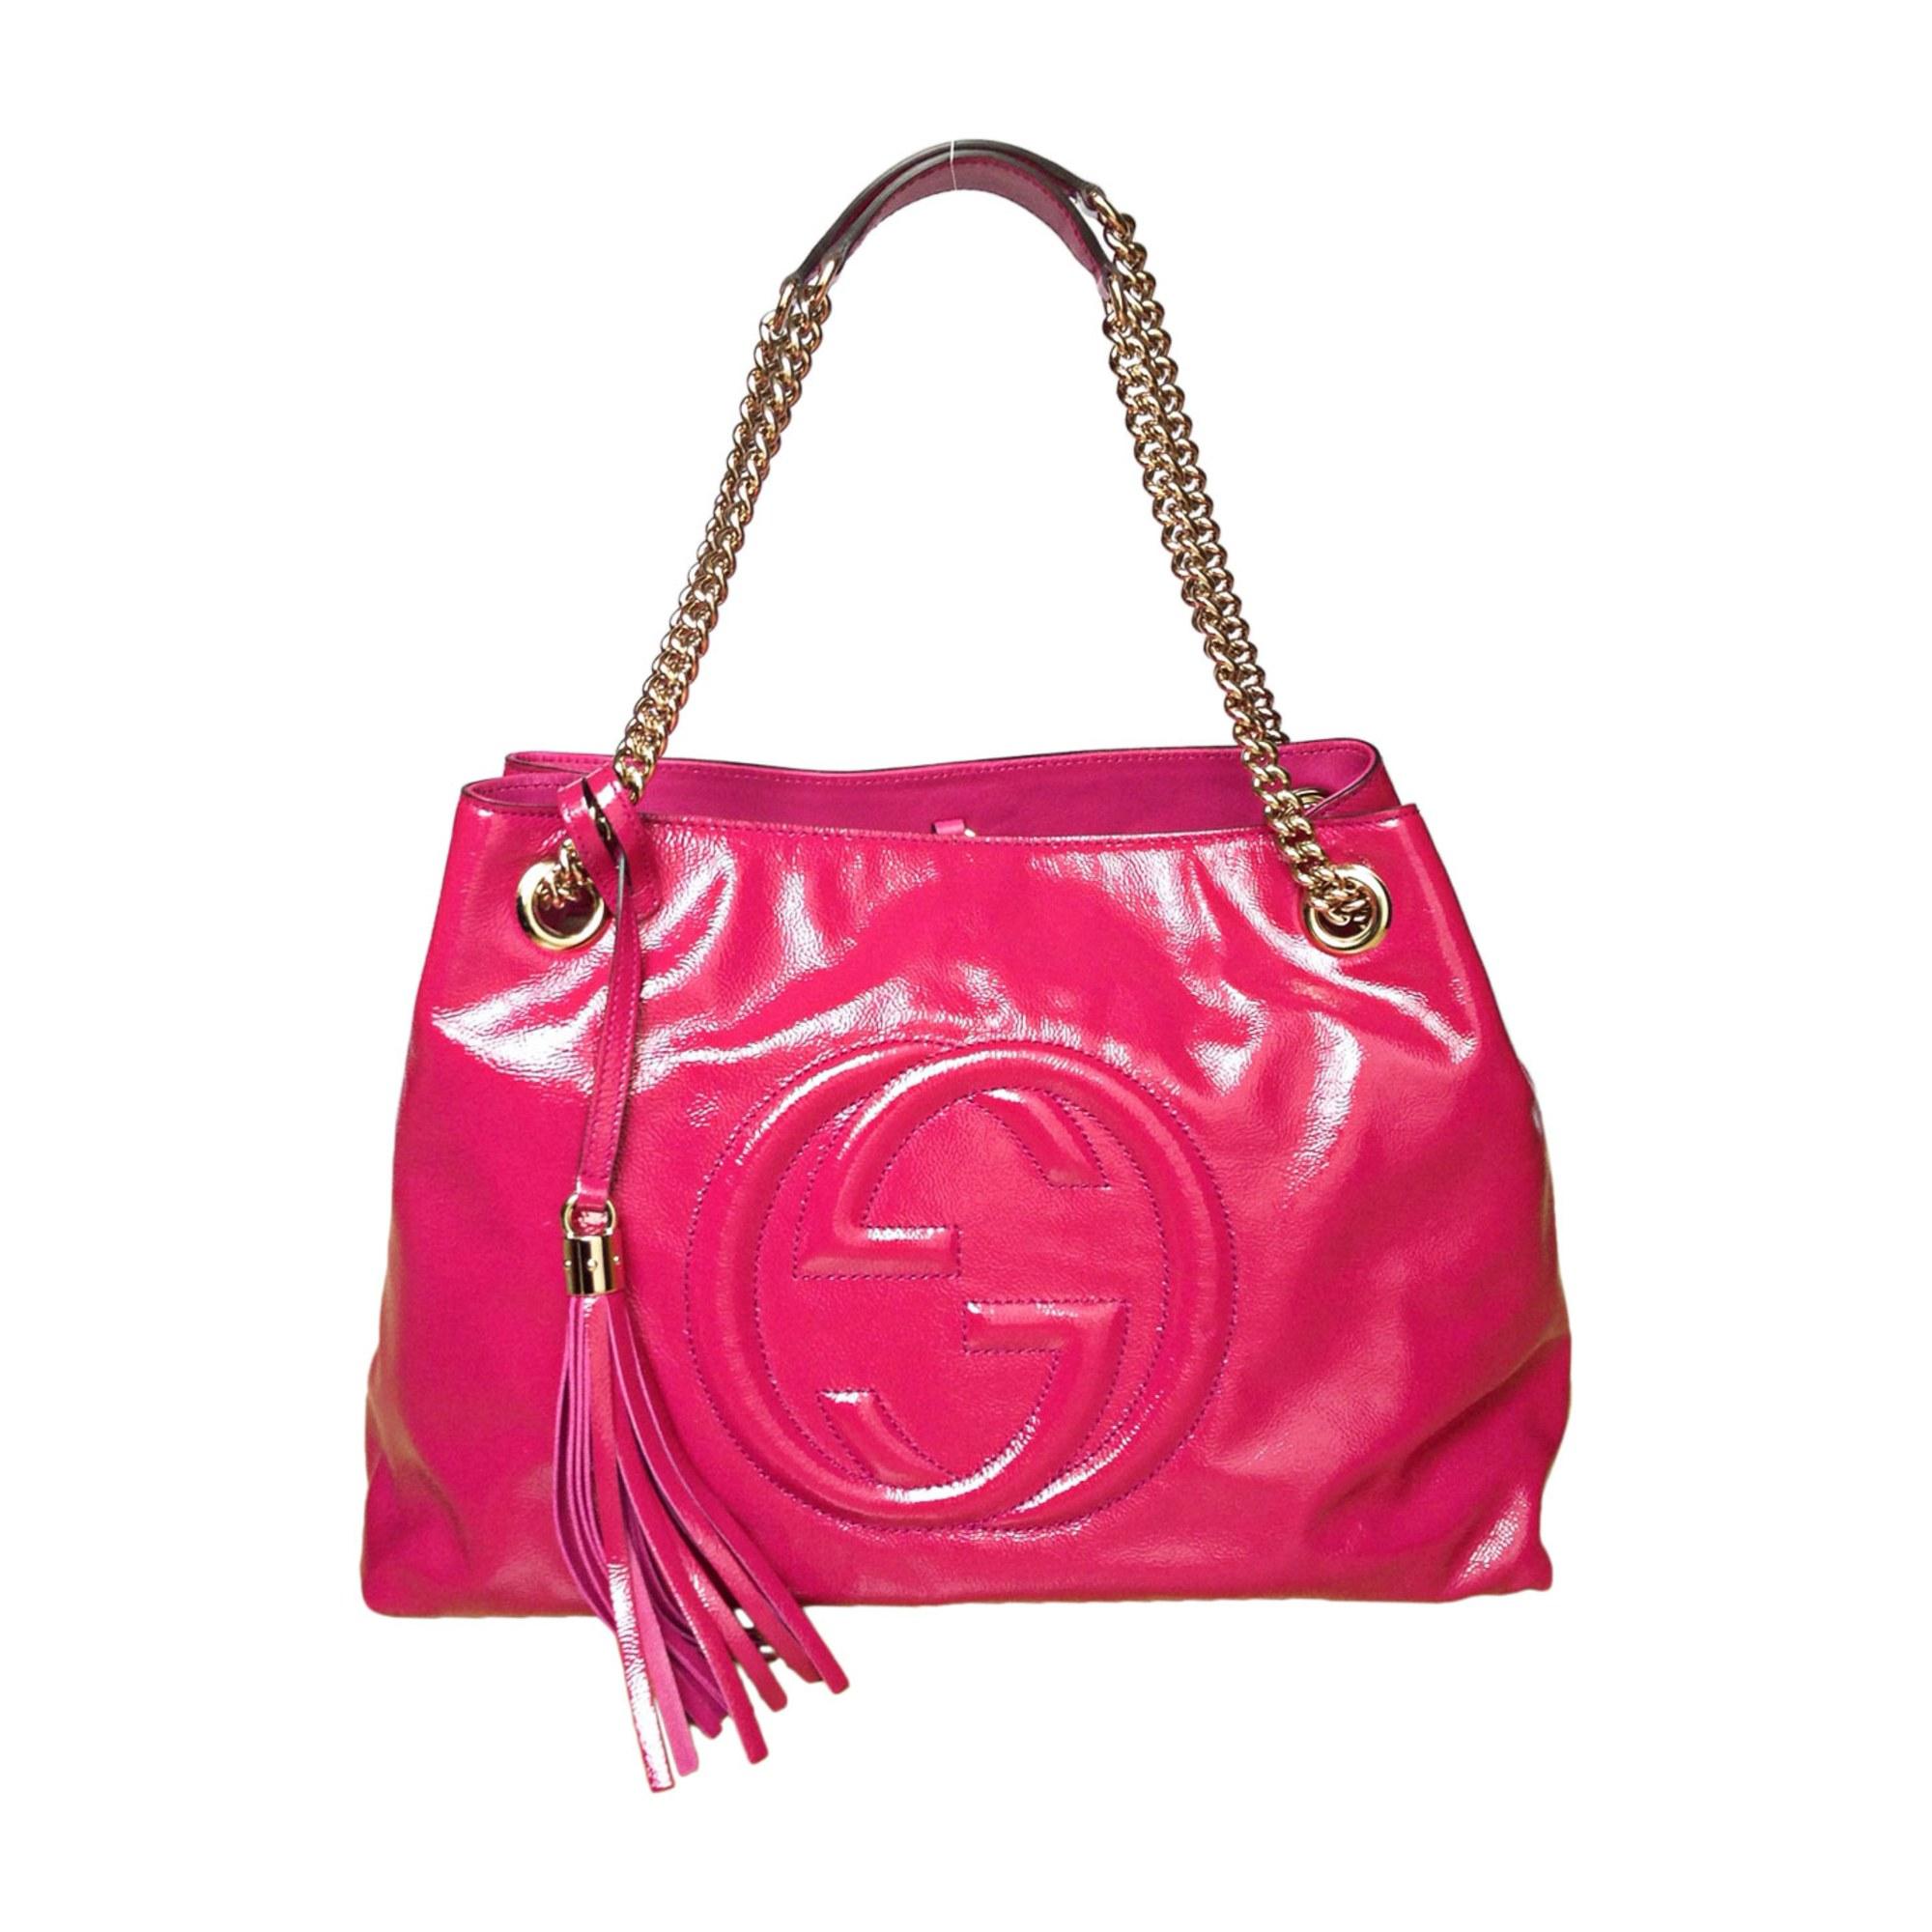 bec478255b4e Sac à main en cuir GUCCI soho rose vendu par Geraldine m - 7739040